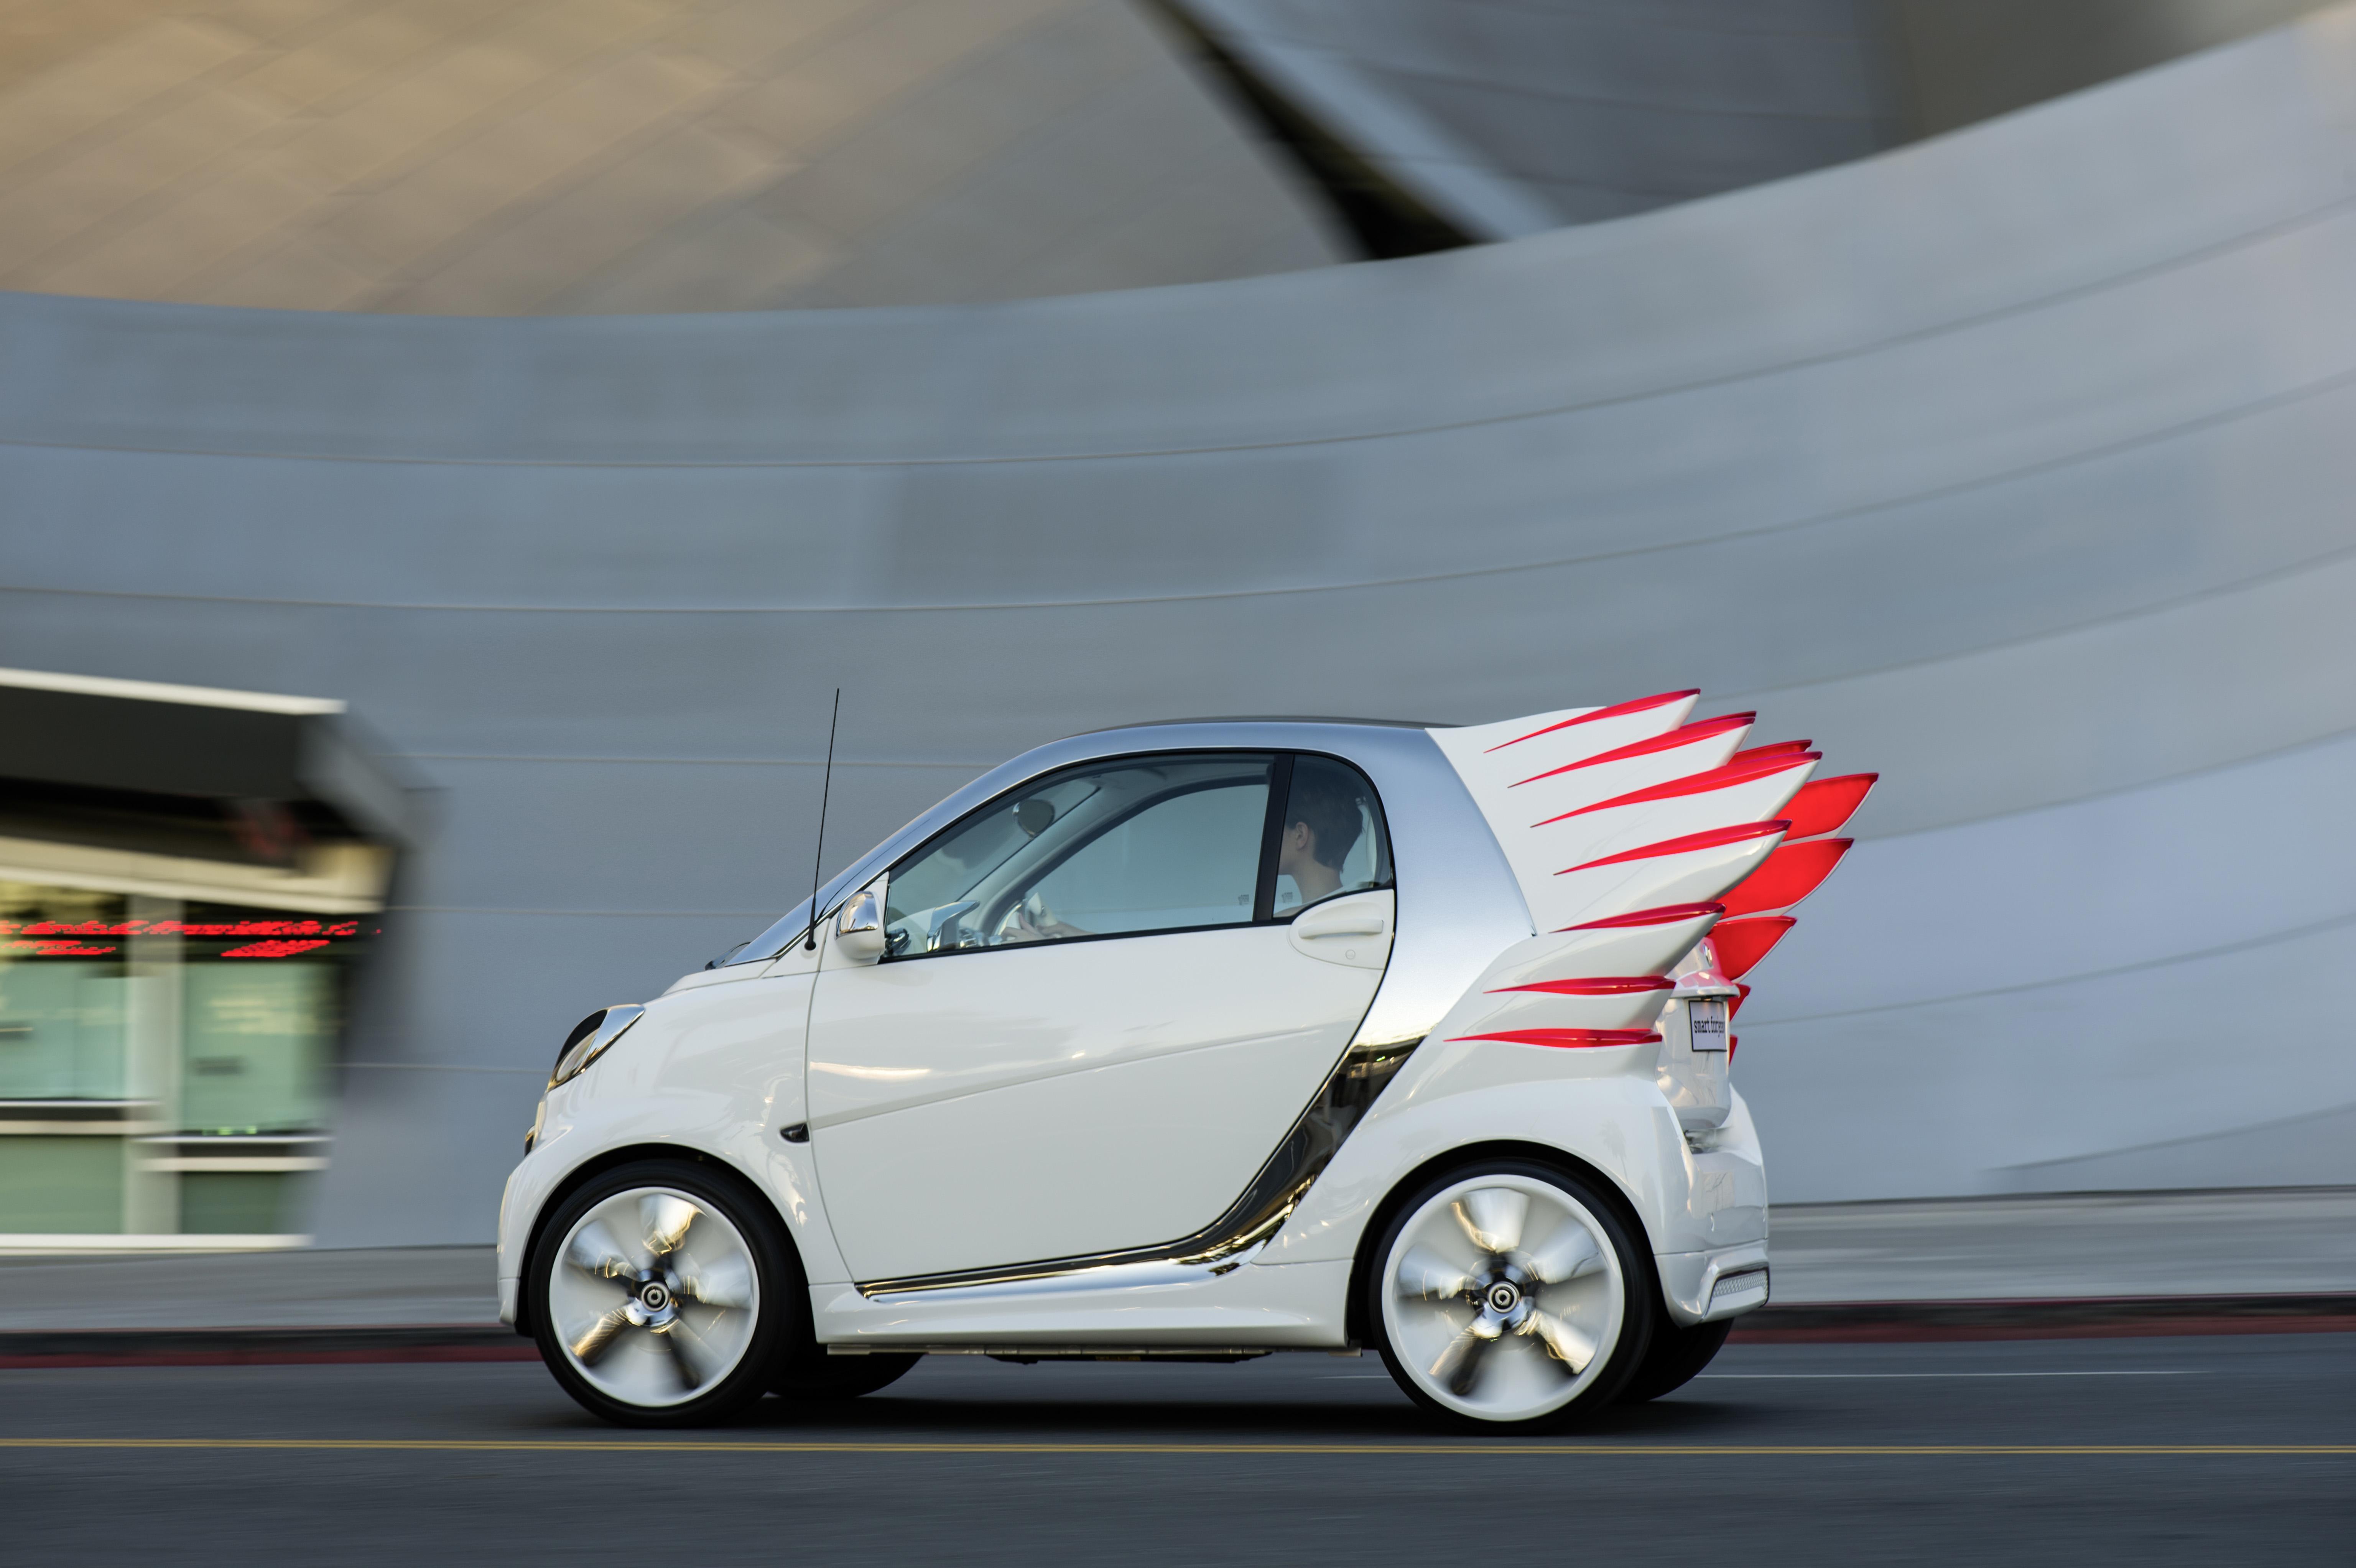 фото машины с крыльями вход